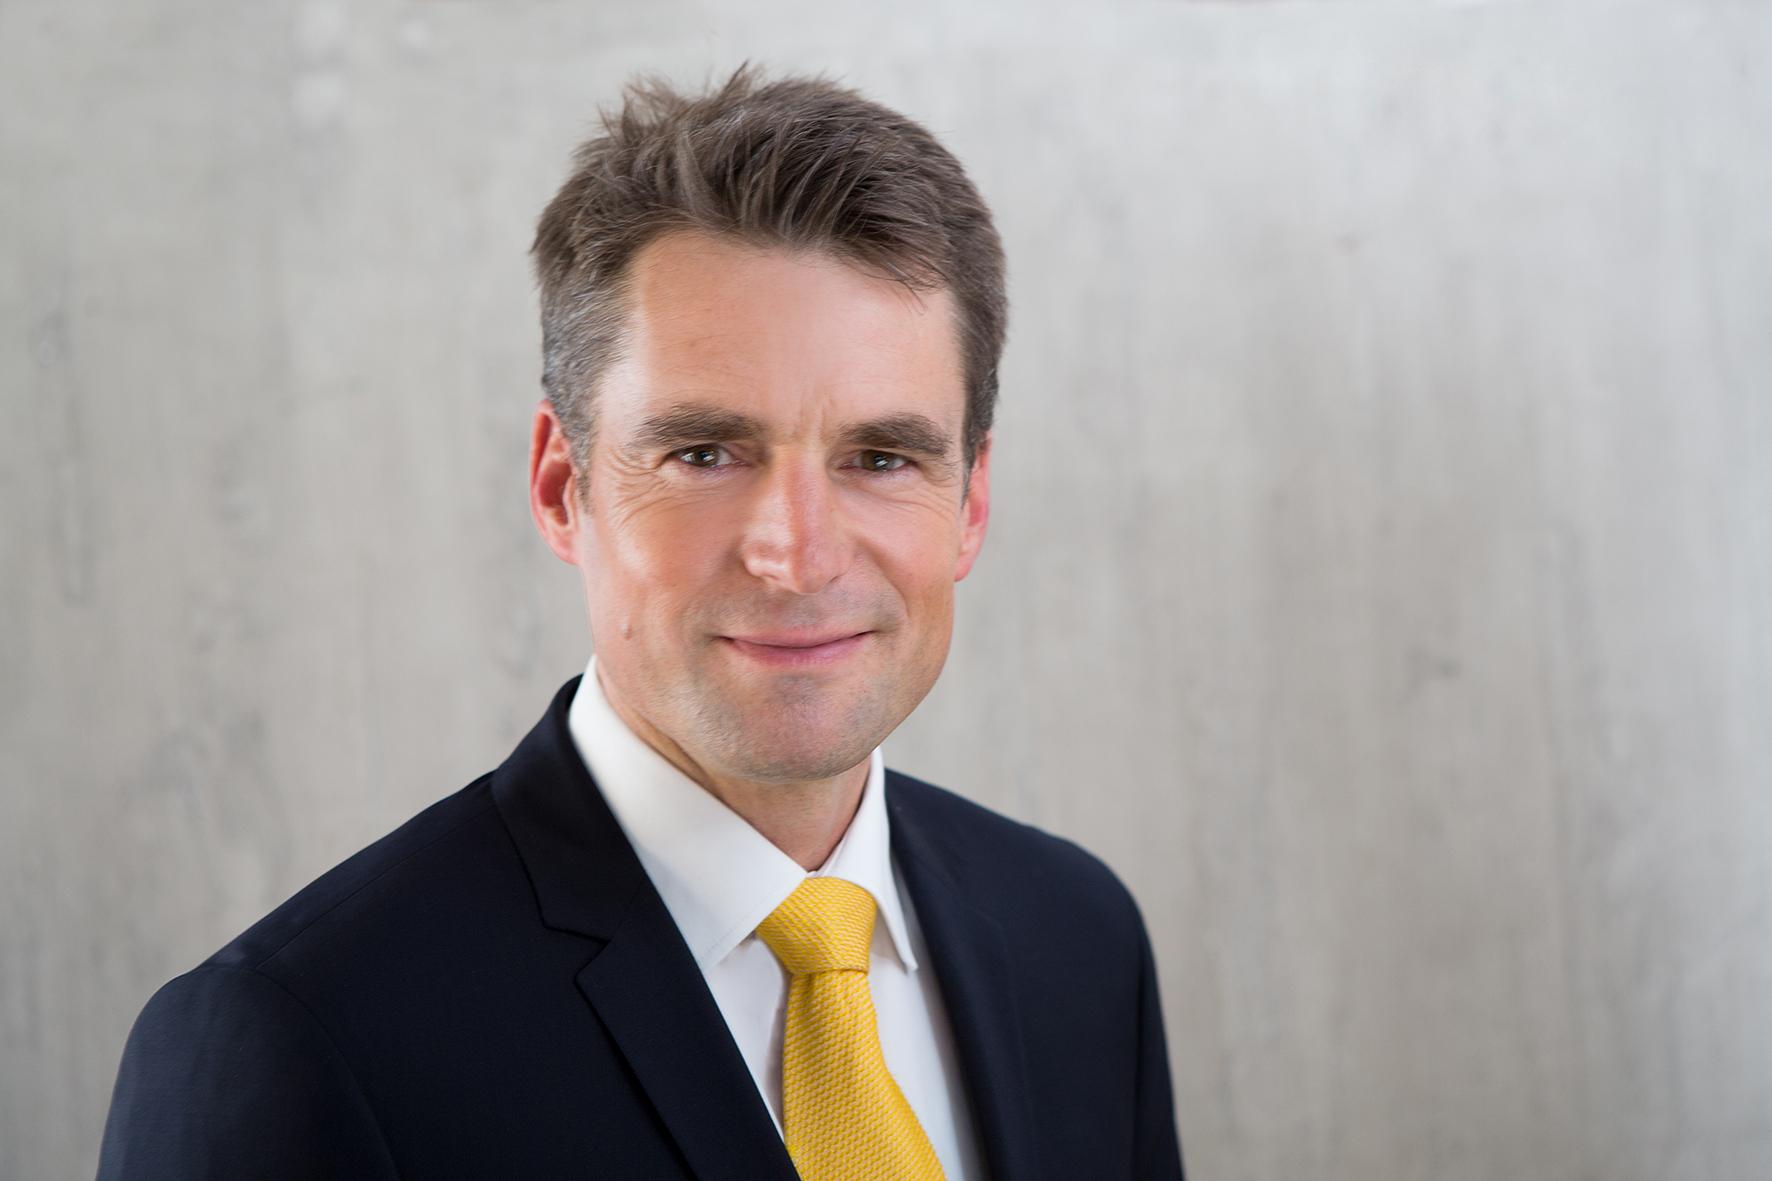 Joerg Richter Joins Mediaspectrum as  Vice President of Solution Management